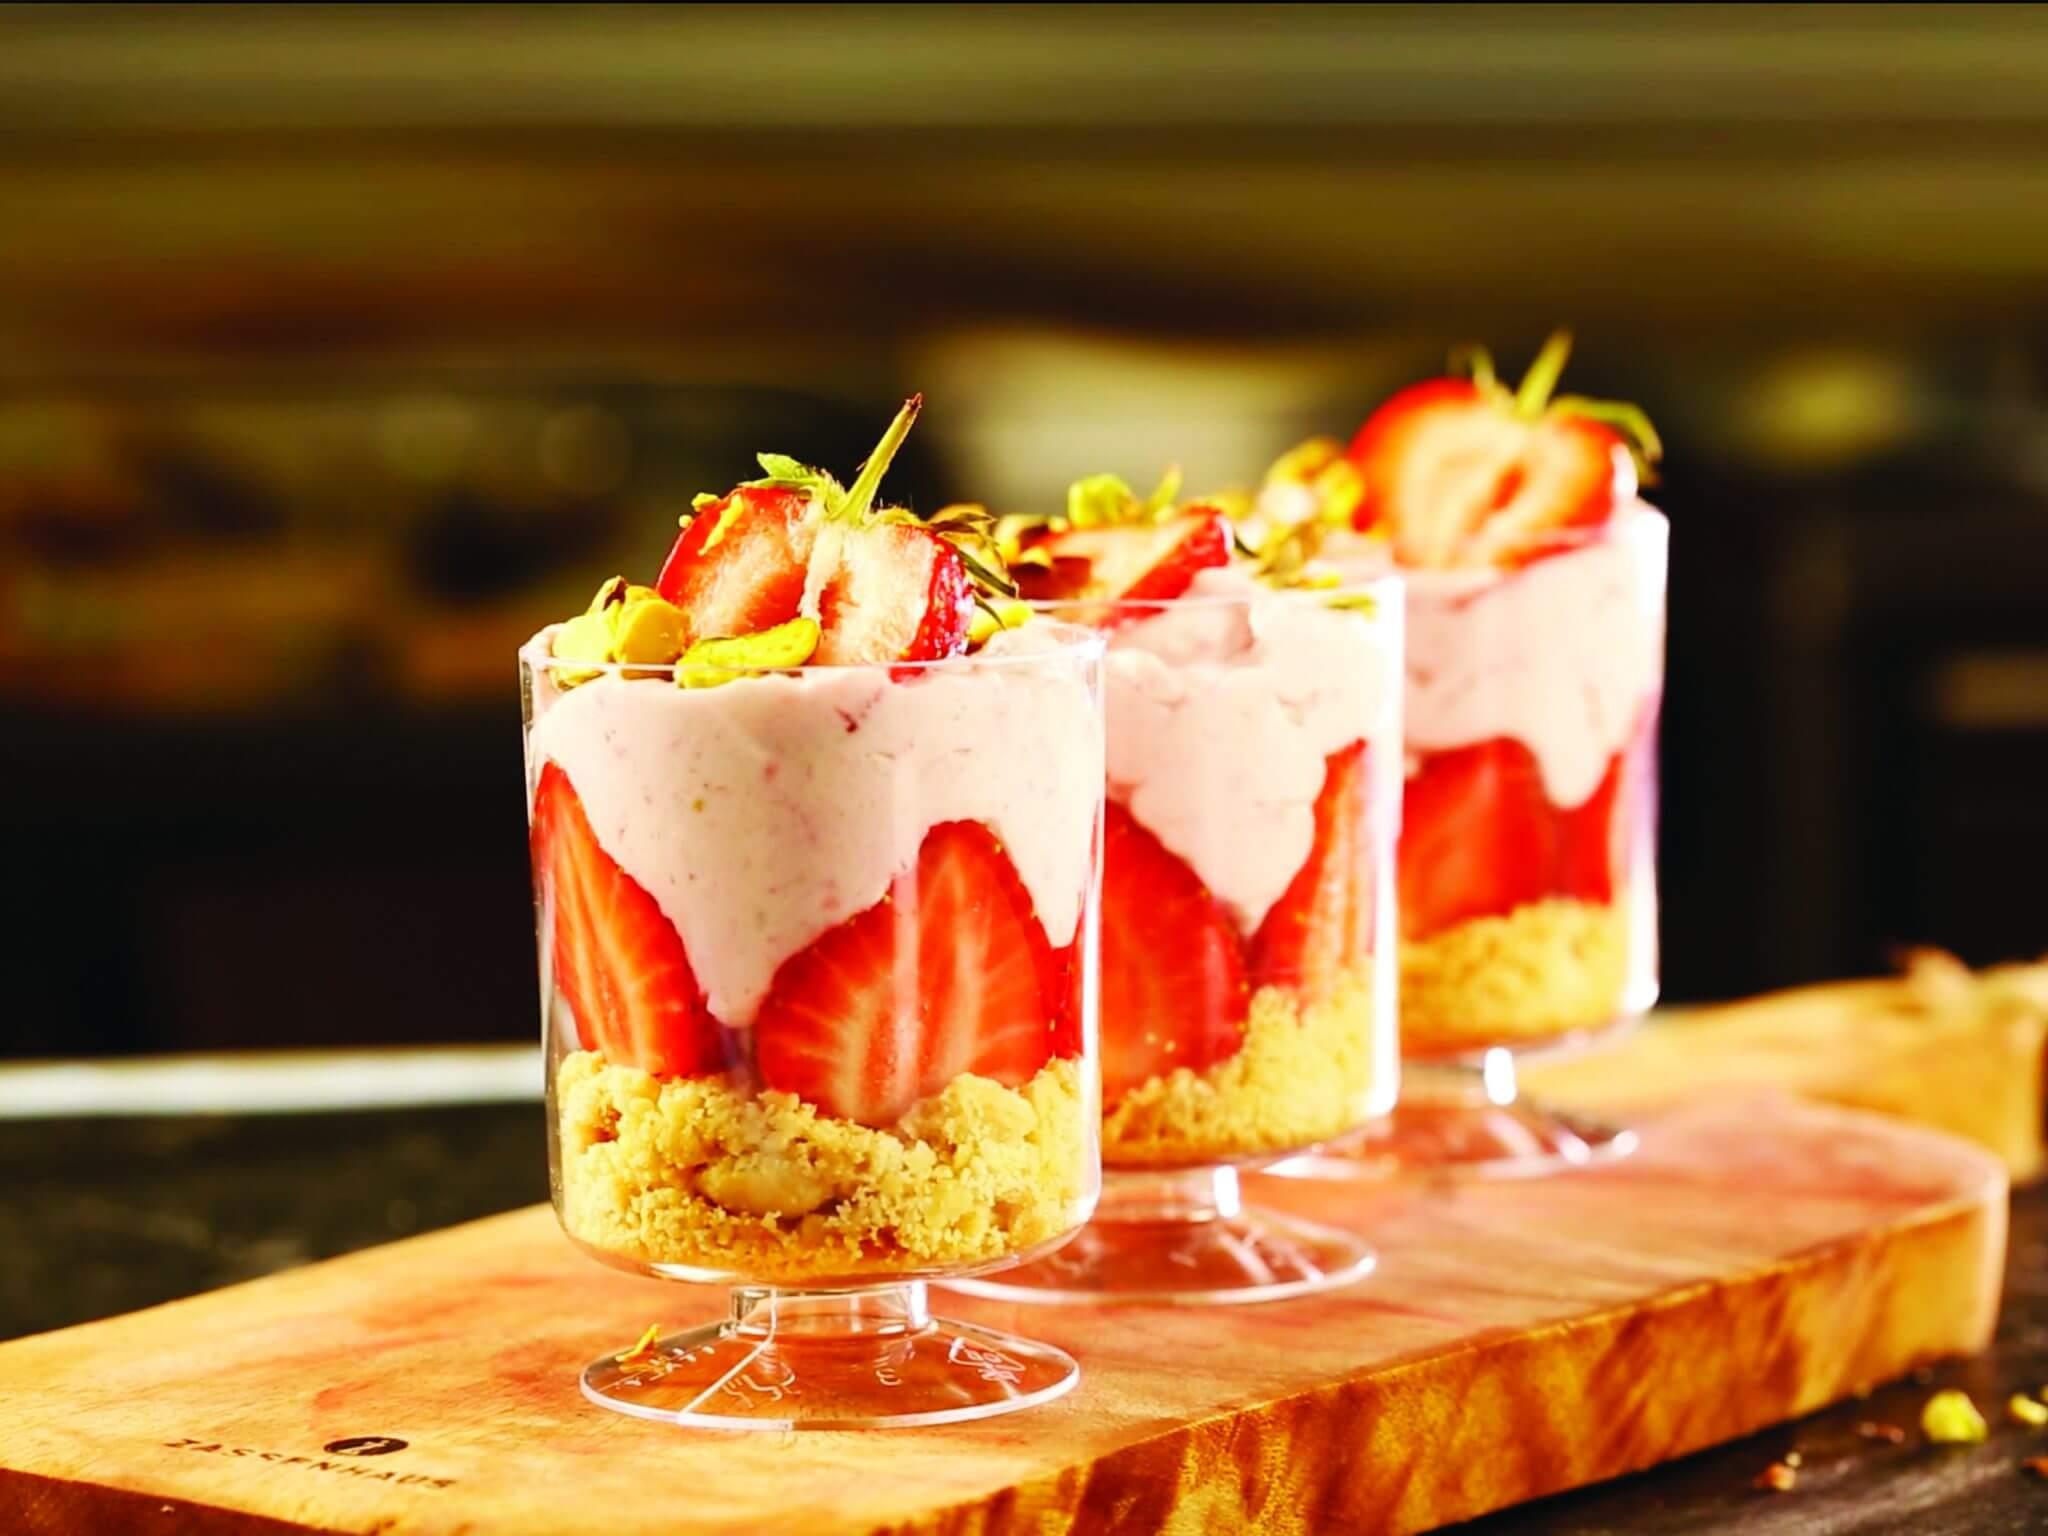 Spumă de căpșuni cu biscuiți